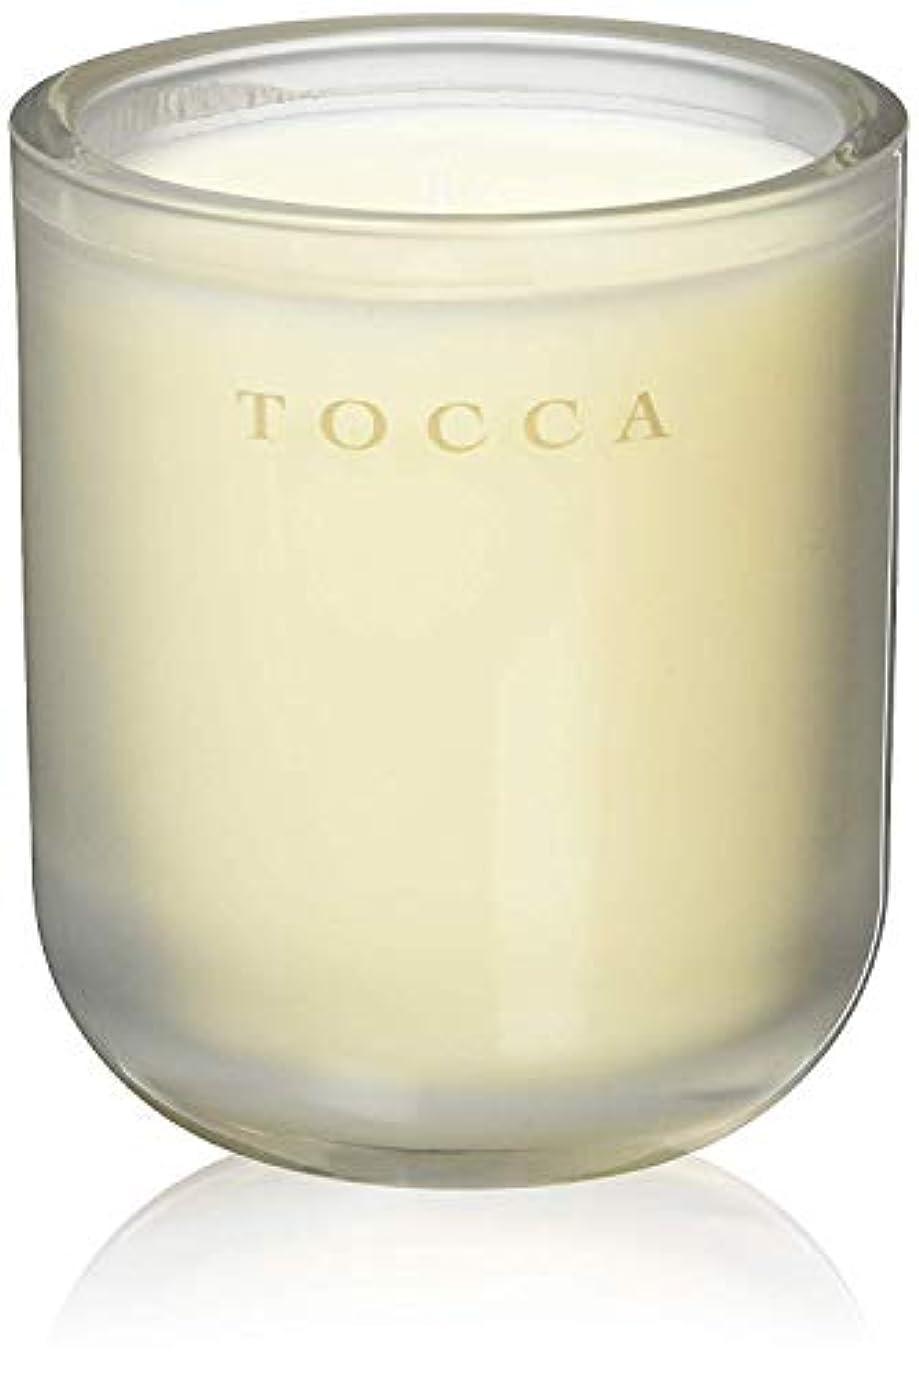 短命転用洋服TOCCA(トッカ) ボヤージュ キャンドル バレンシア 287g (ろうそく 芳香 オレンジとベルガモットのフレッシュシトラスな香り)